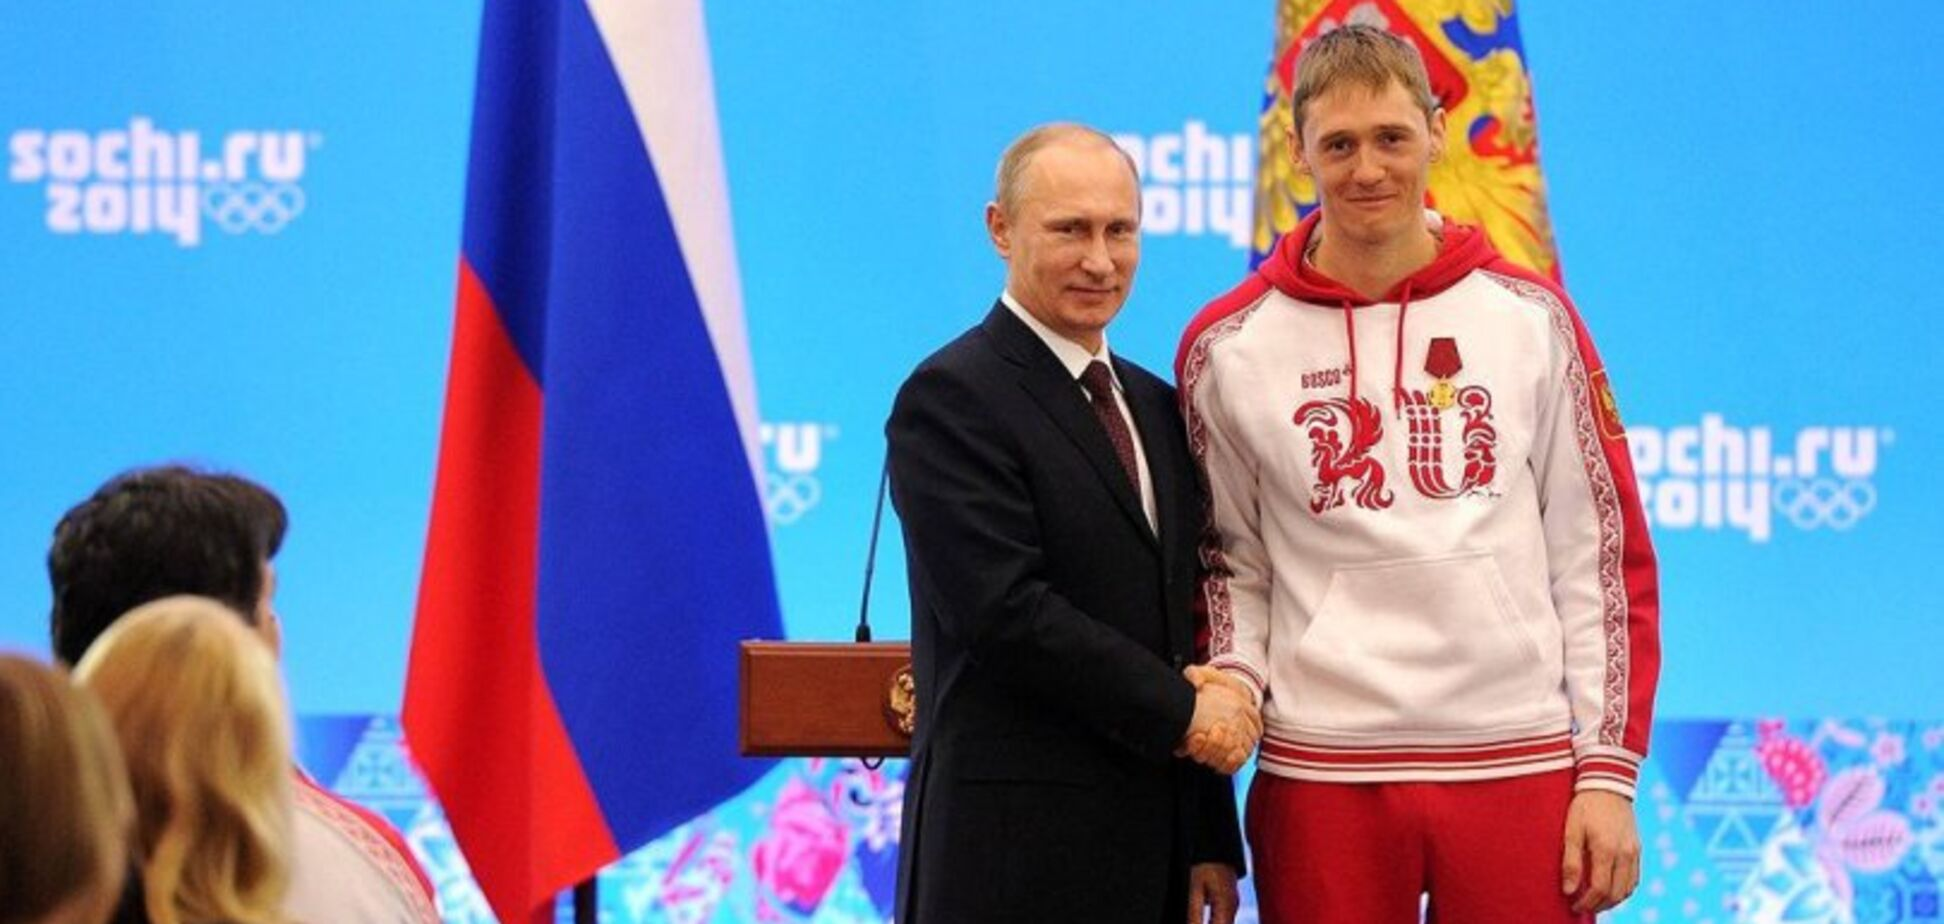 Чемпион мира Никита Крюков из России оказался актером фильмов для взрослых